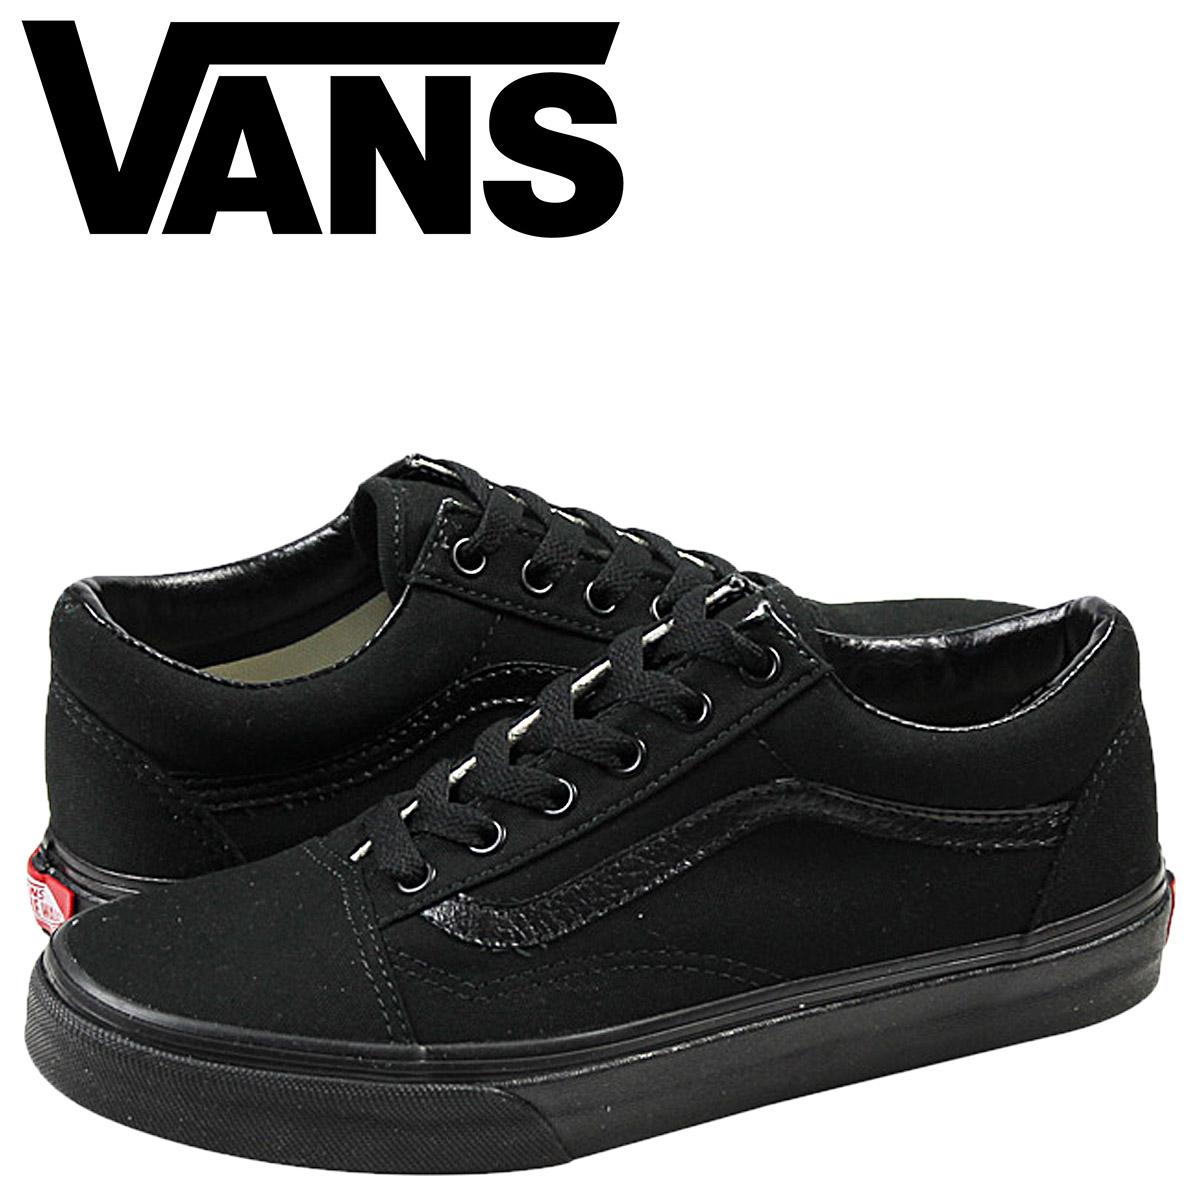 vans old skool all black damen